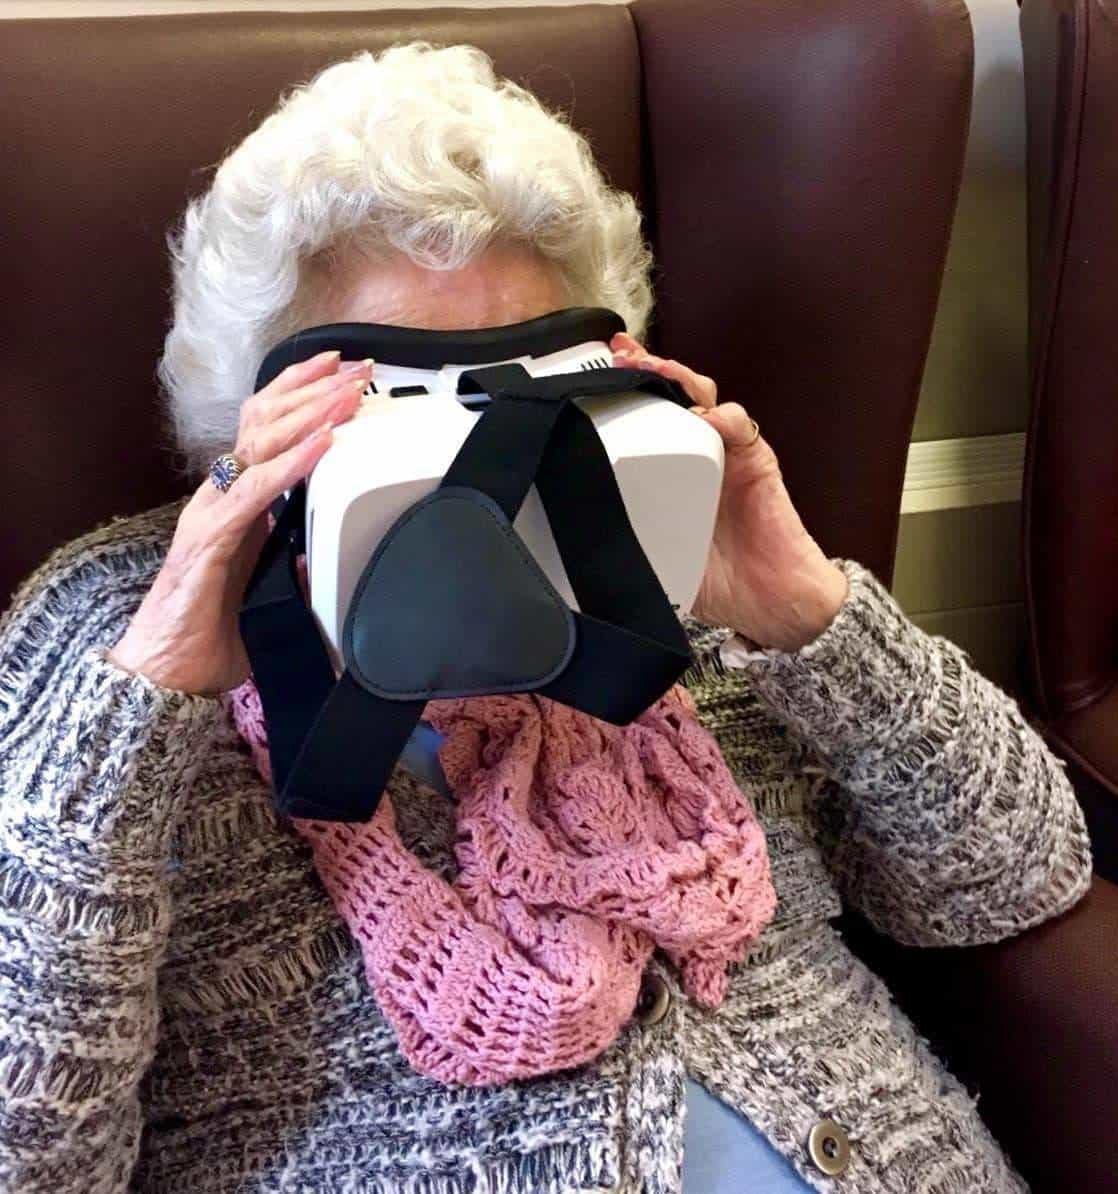 Hur VR och Snapchat blev en jättehit på ett äldreboende